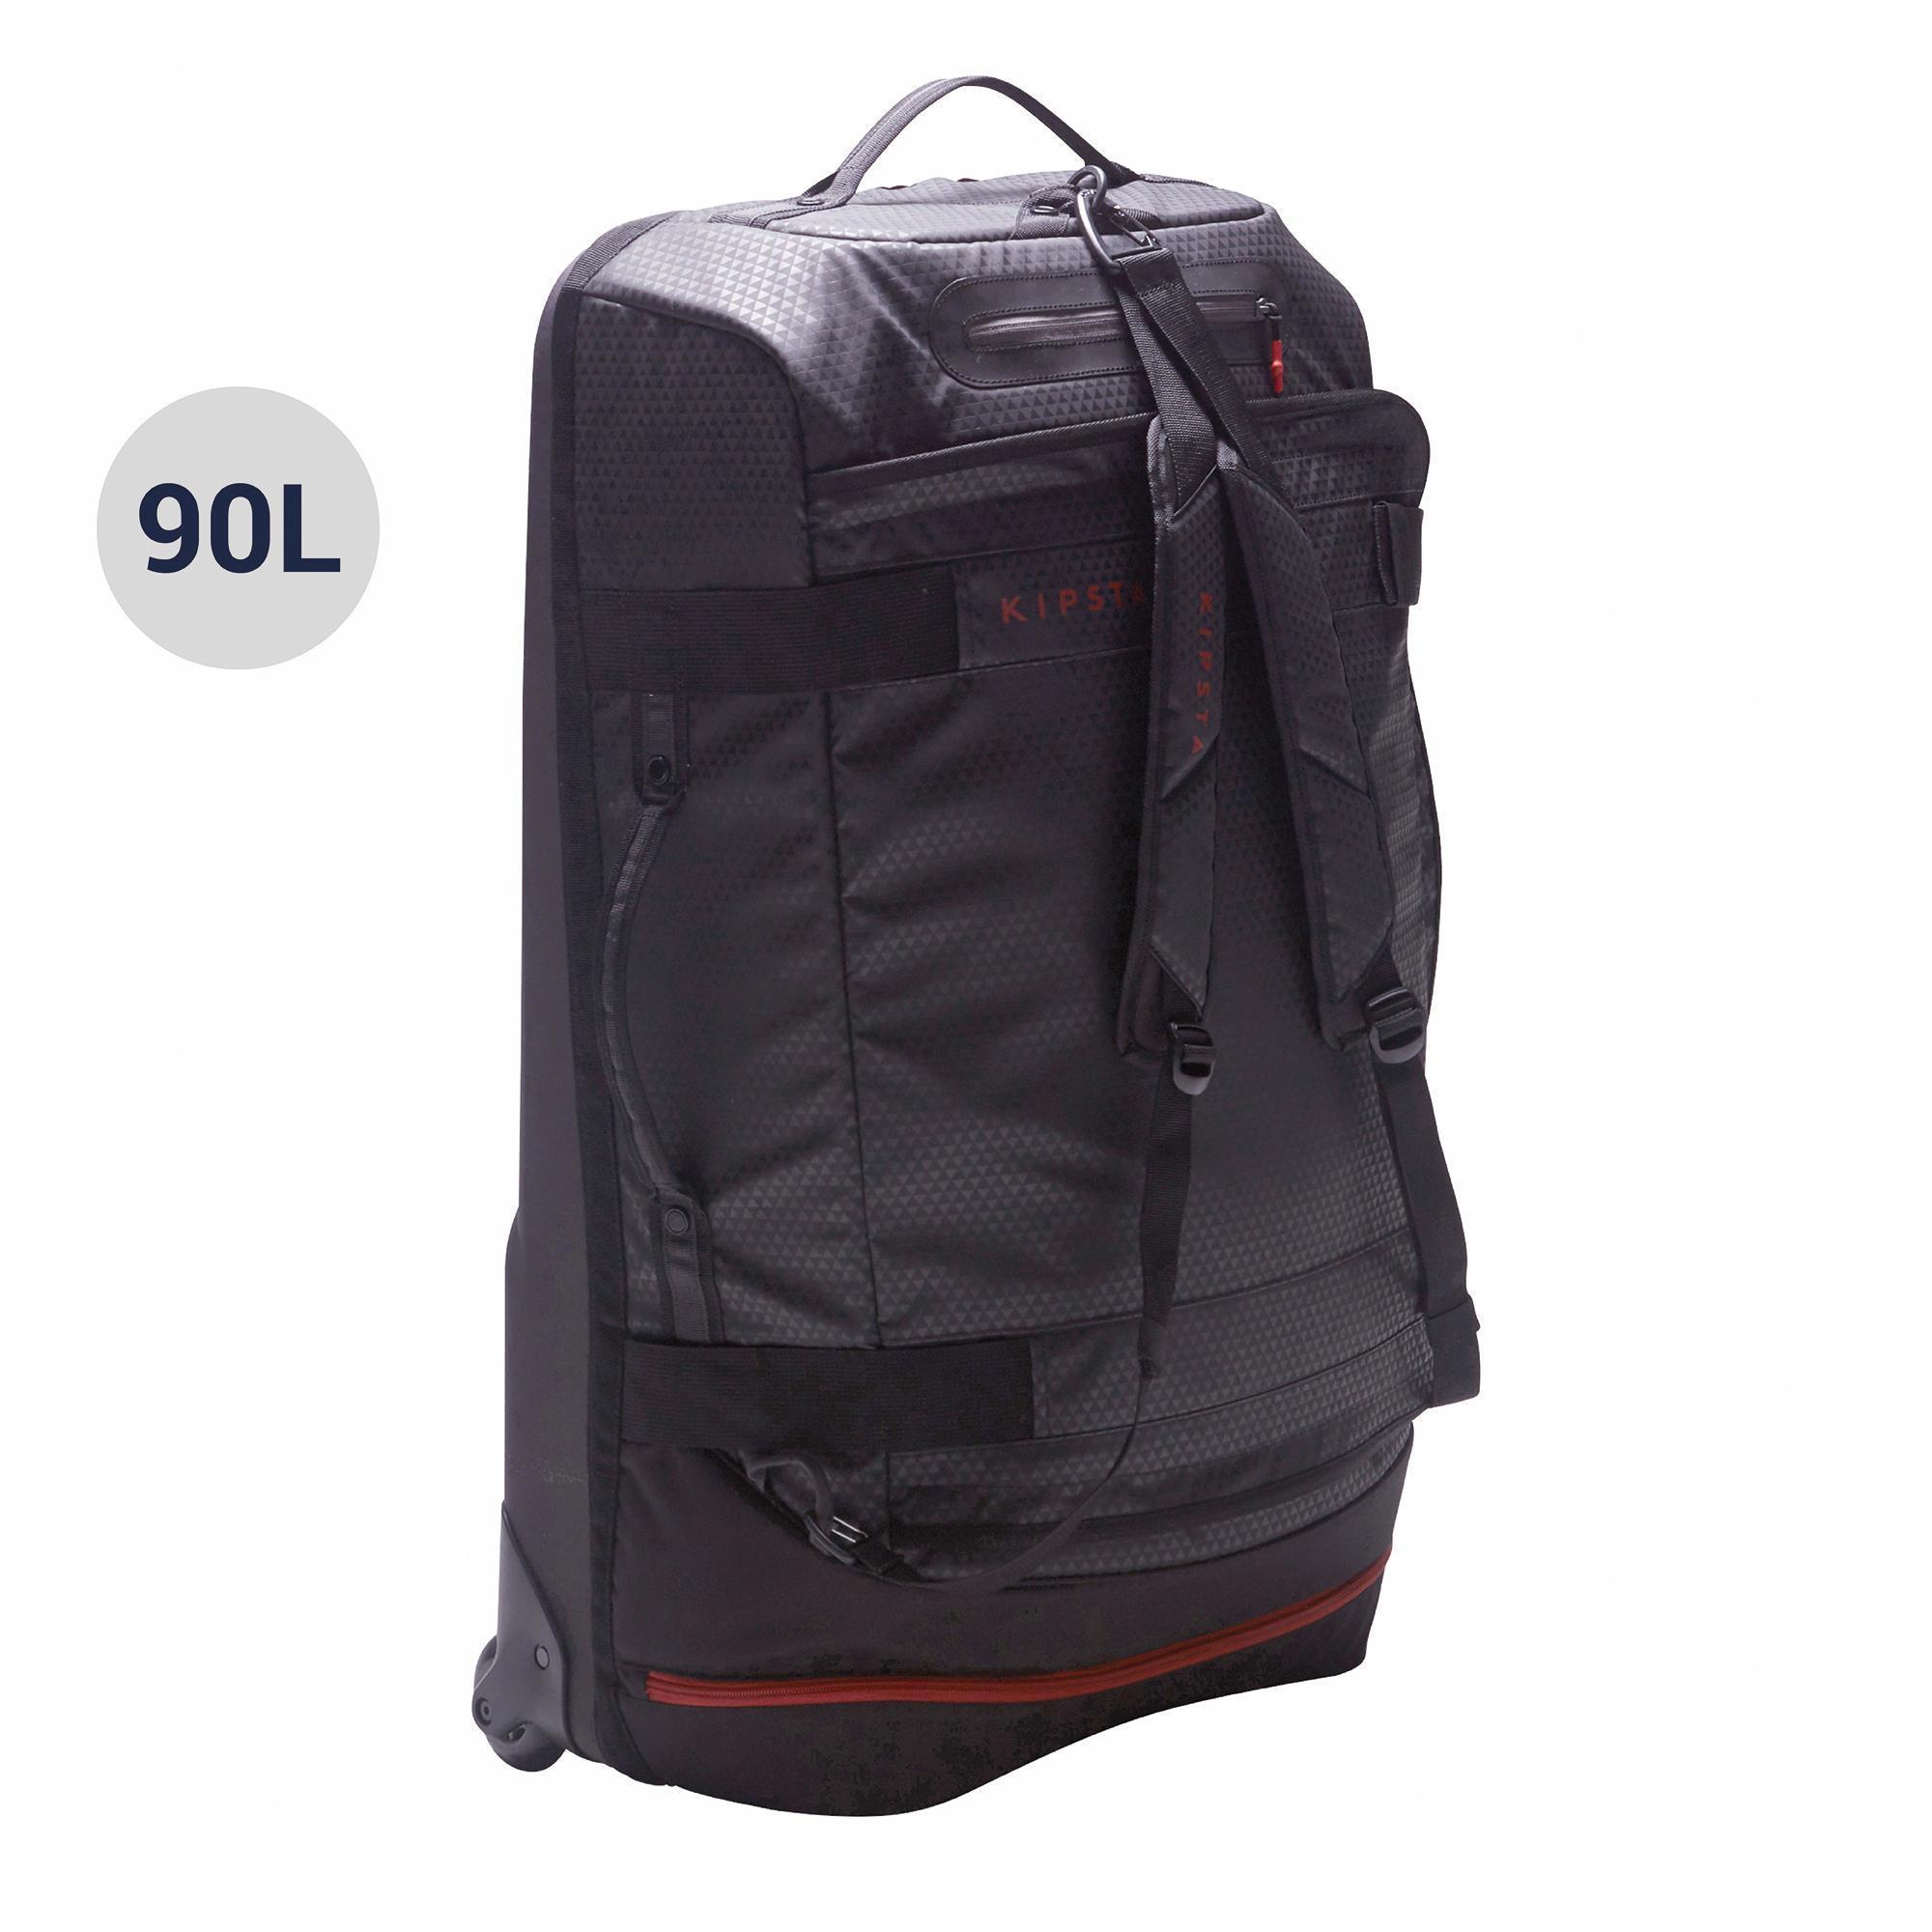 8e9c35681dd81 Große Auswahl an Sporttaschen